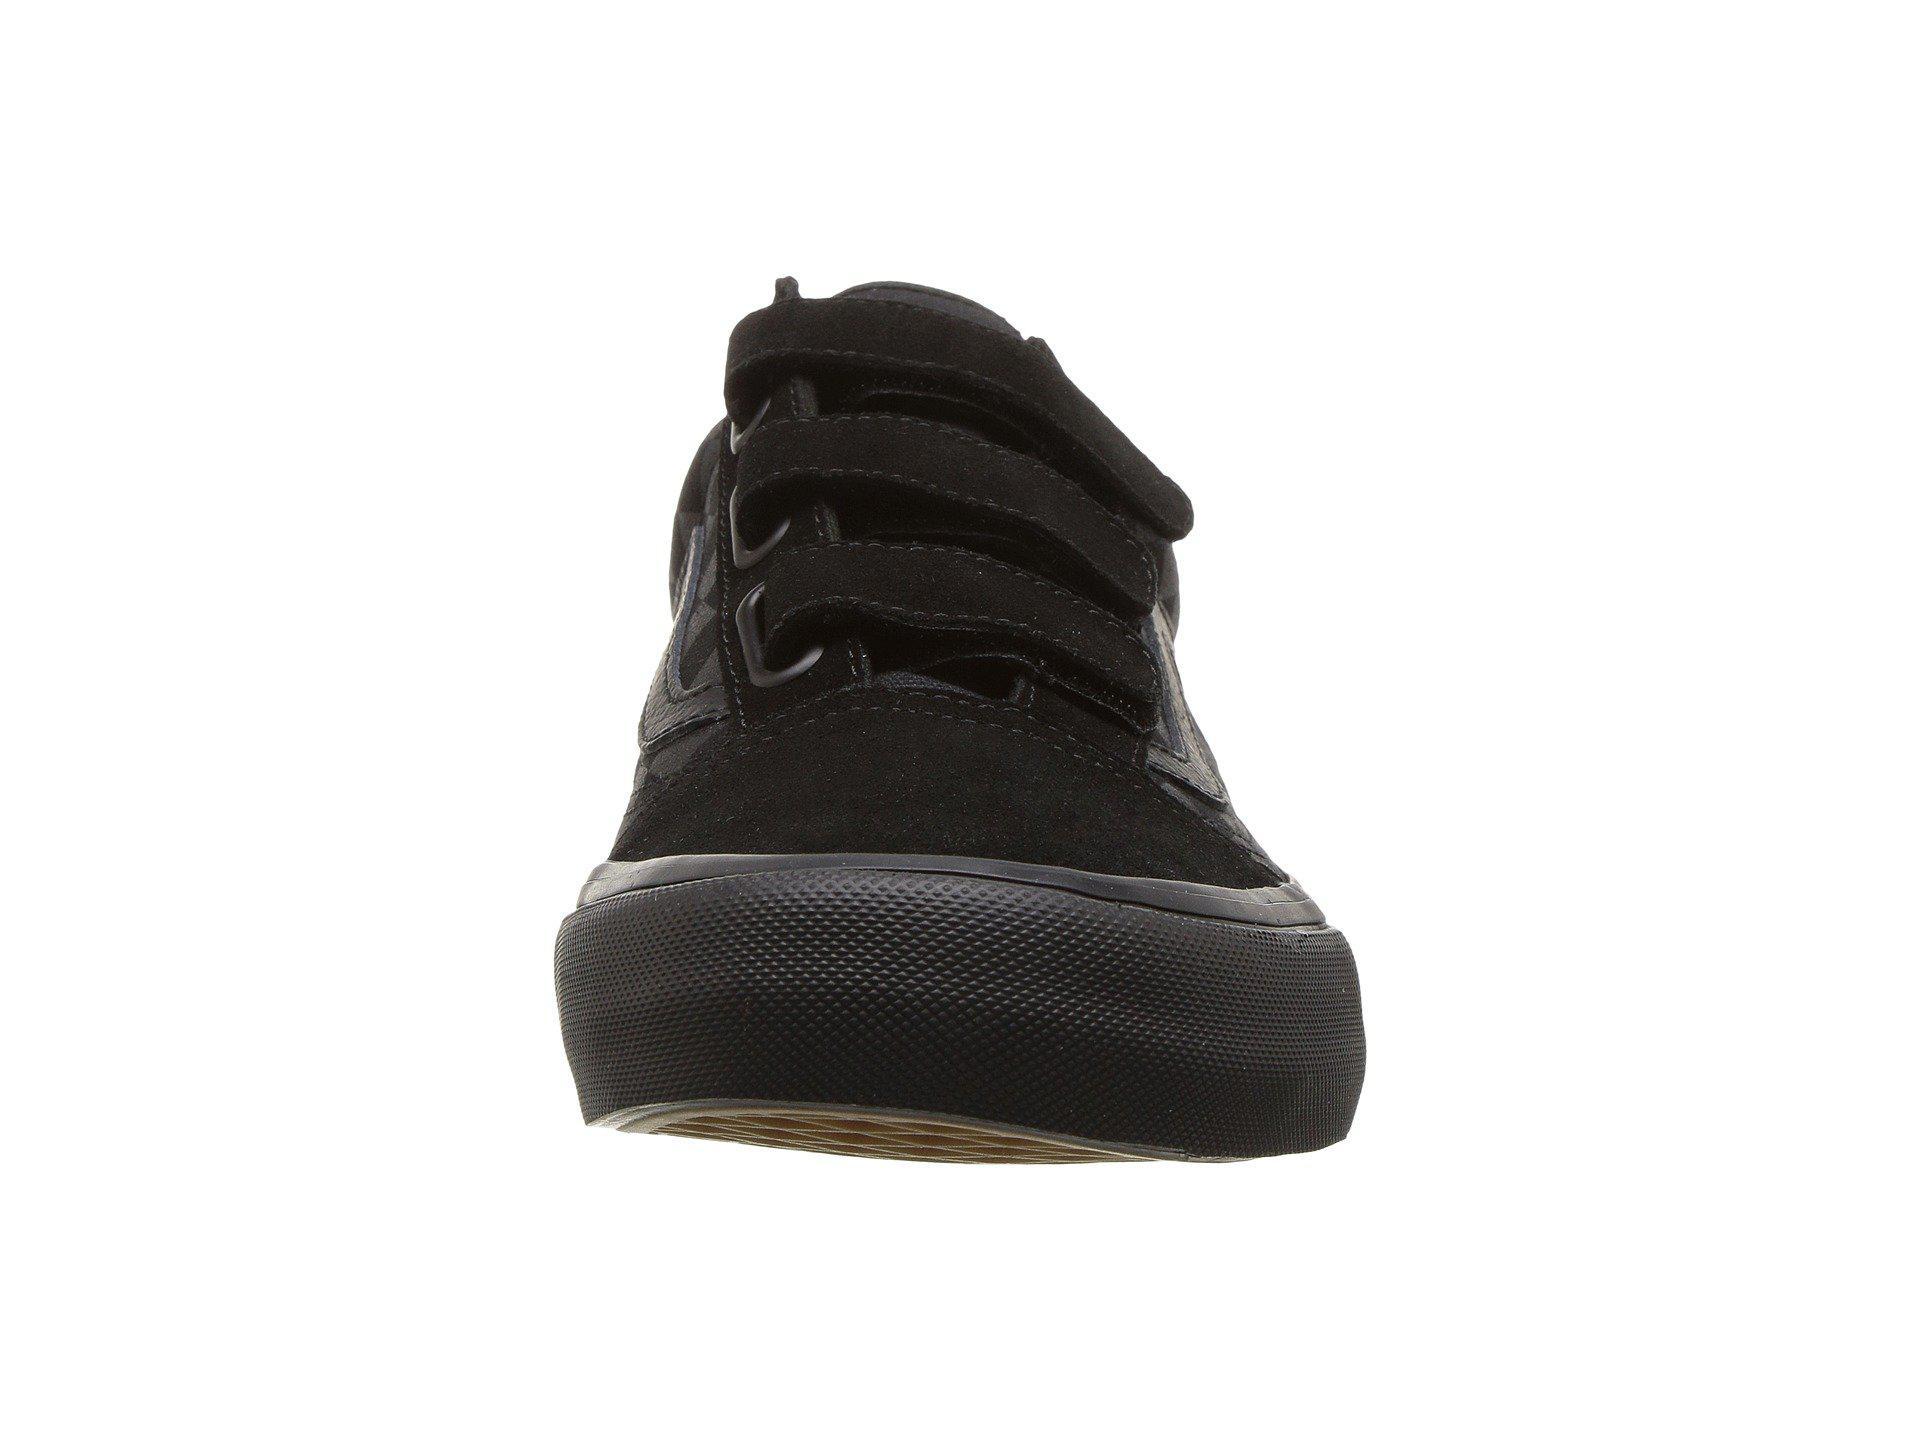 Lyst - Vans Old Skool Priz Pro in Black for Men 9823192cf